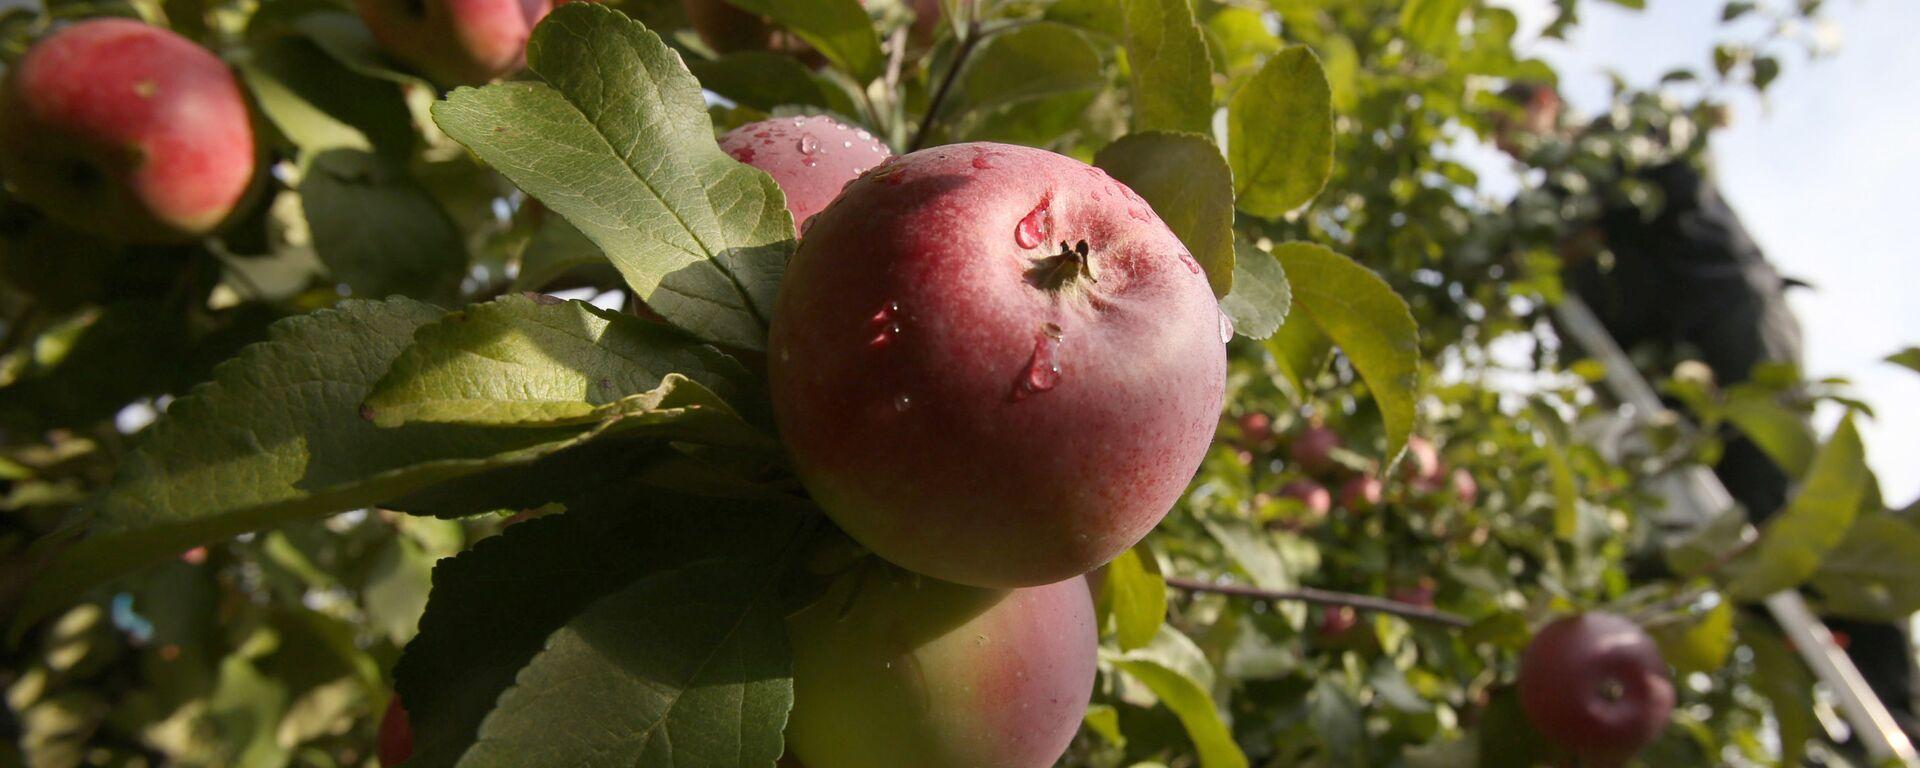 Úroda jablek v Bělorusku - Sputnik Česká republika, 1920, 03.05.2021